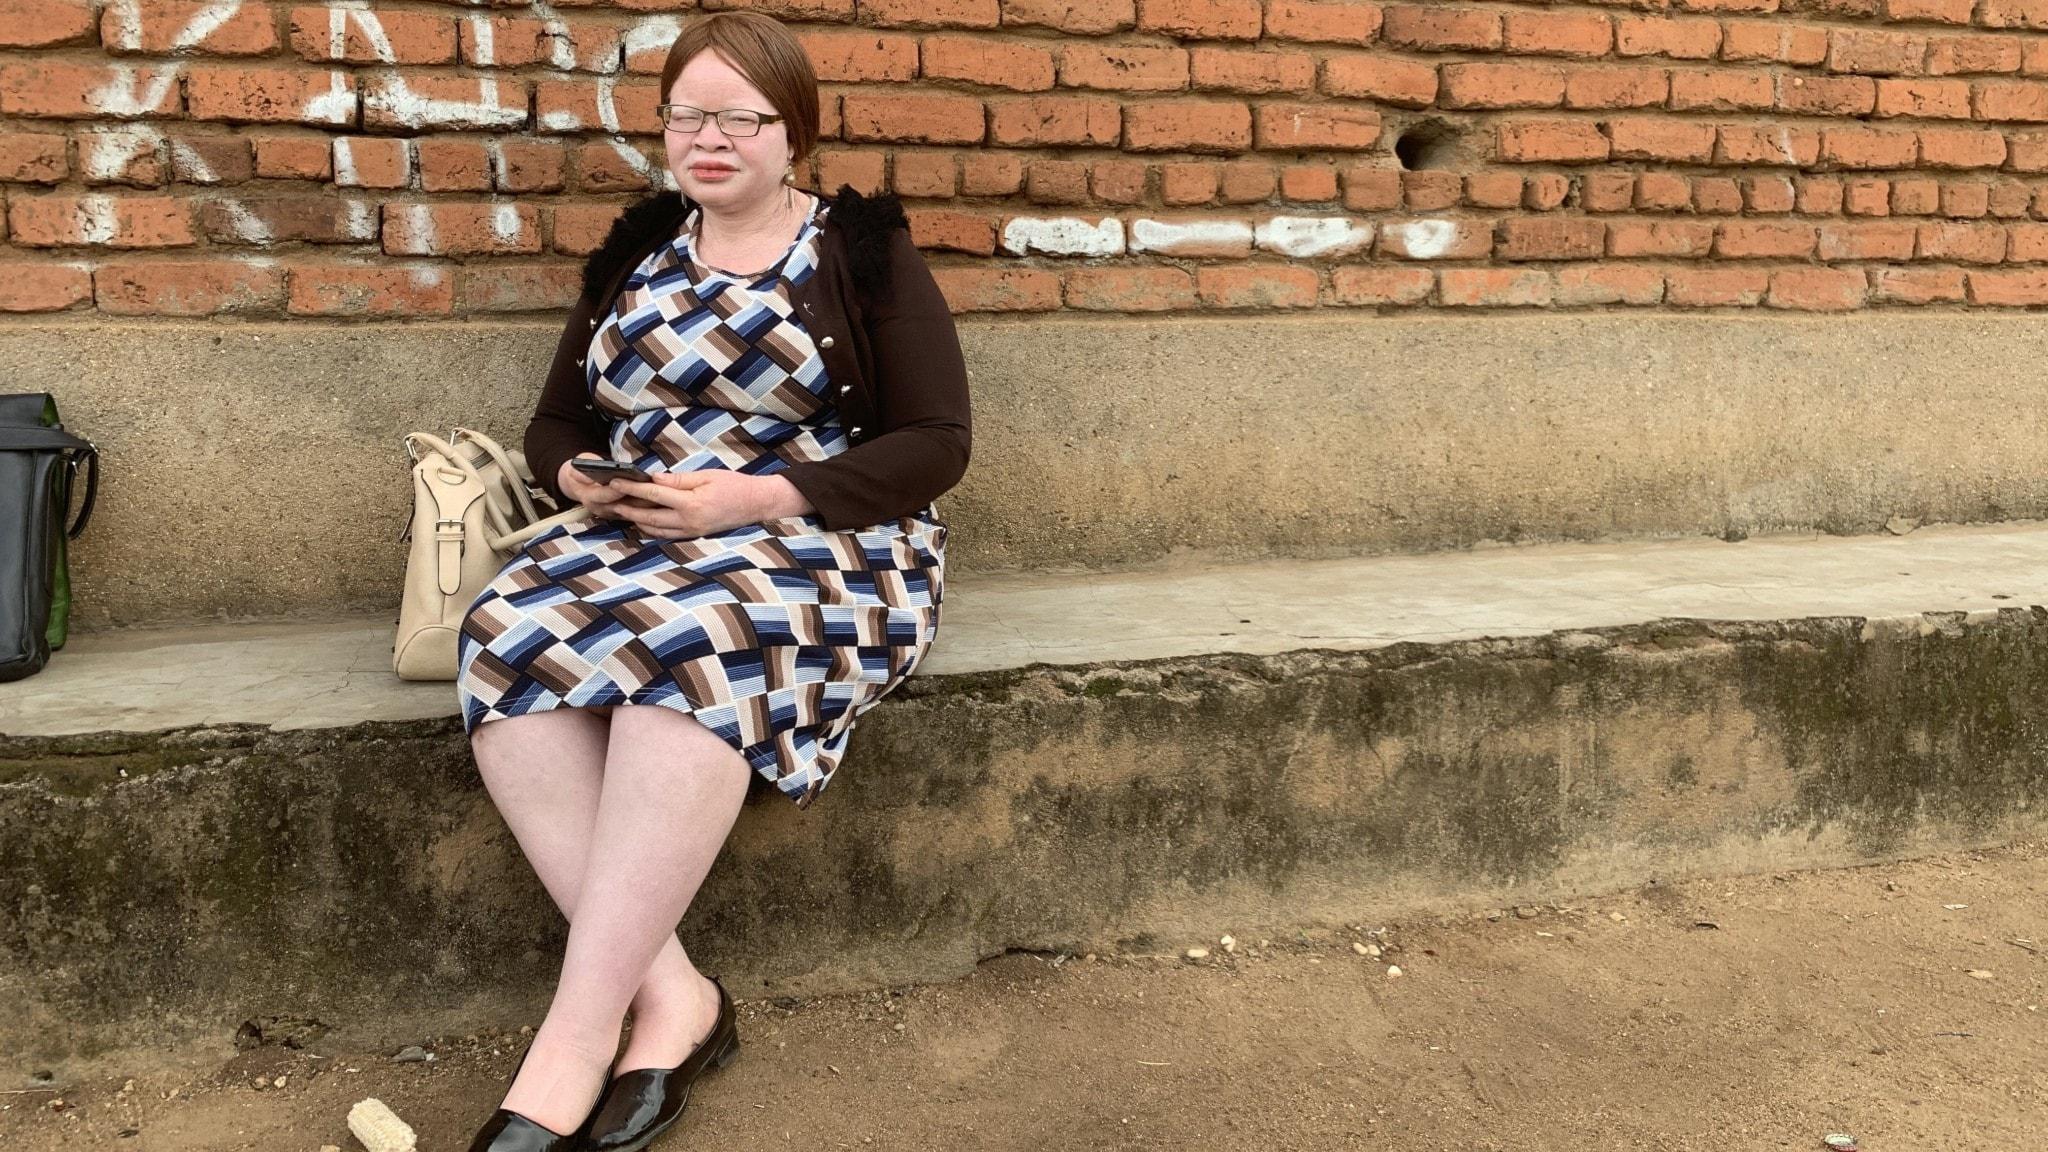 Virginia Chemotswe från Association for Persons with Albinism in Malawi, APAM, misstänker att de jagas på grund av vidskeplighet.